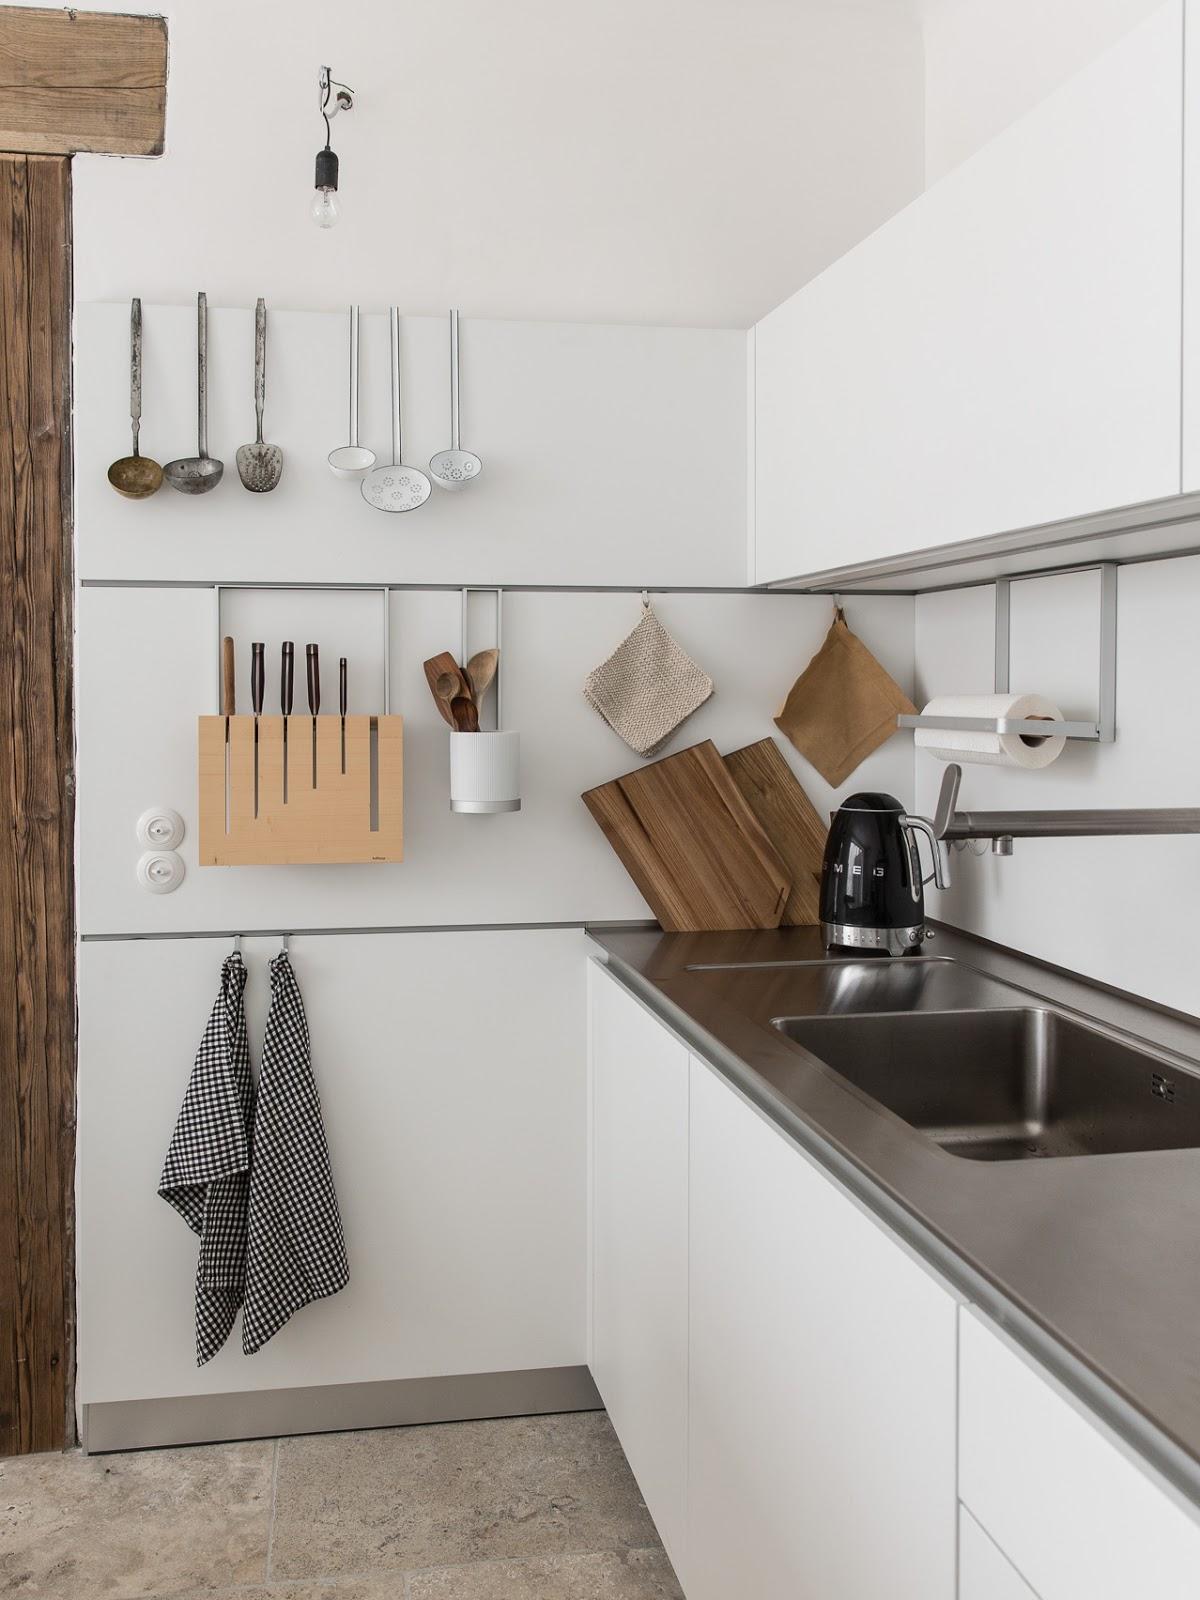 Groß Kücheninsel Und Wagen Ideen - Ideen Für Die Küche Dekoration ...